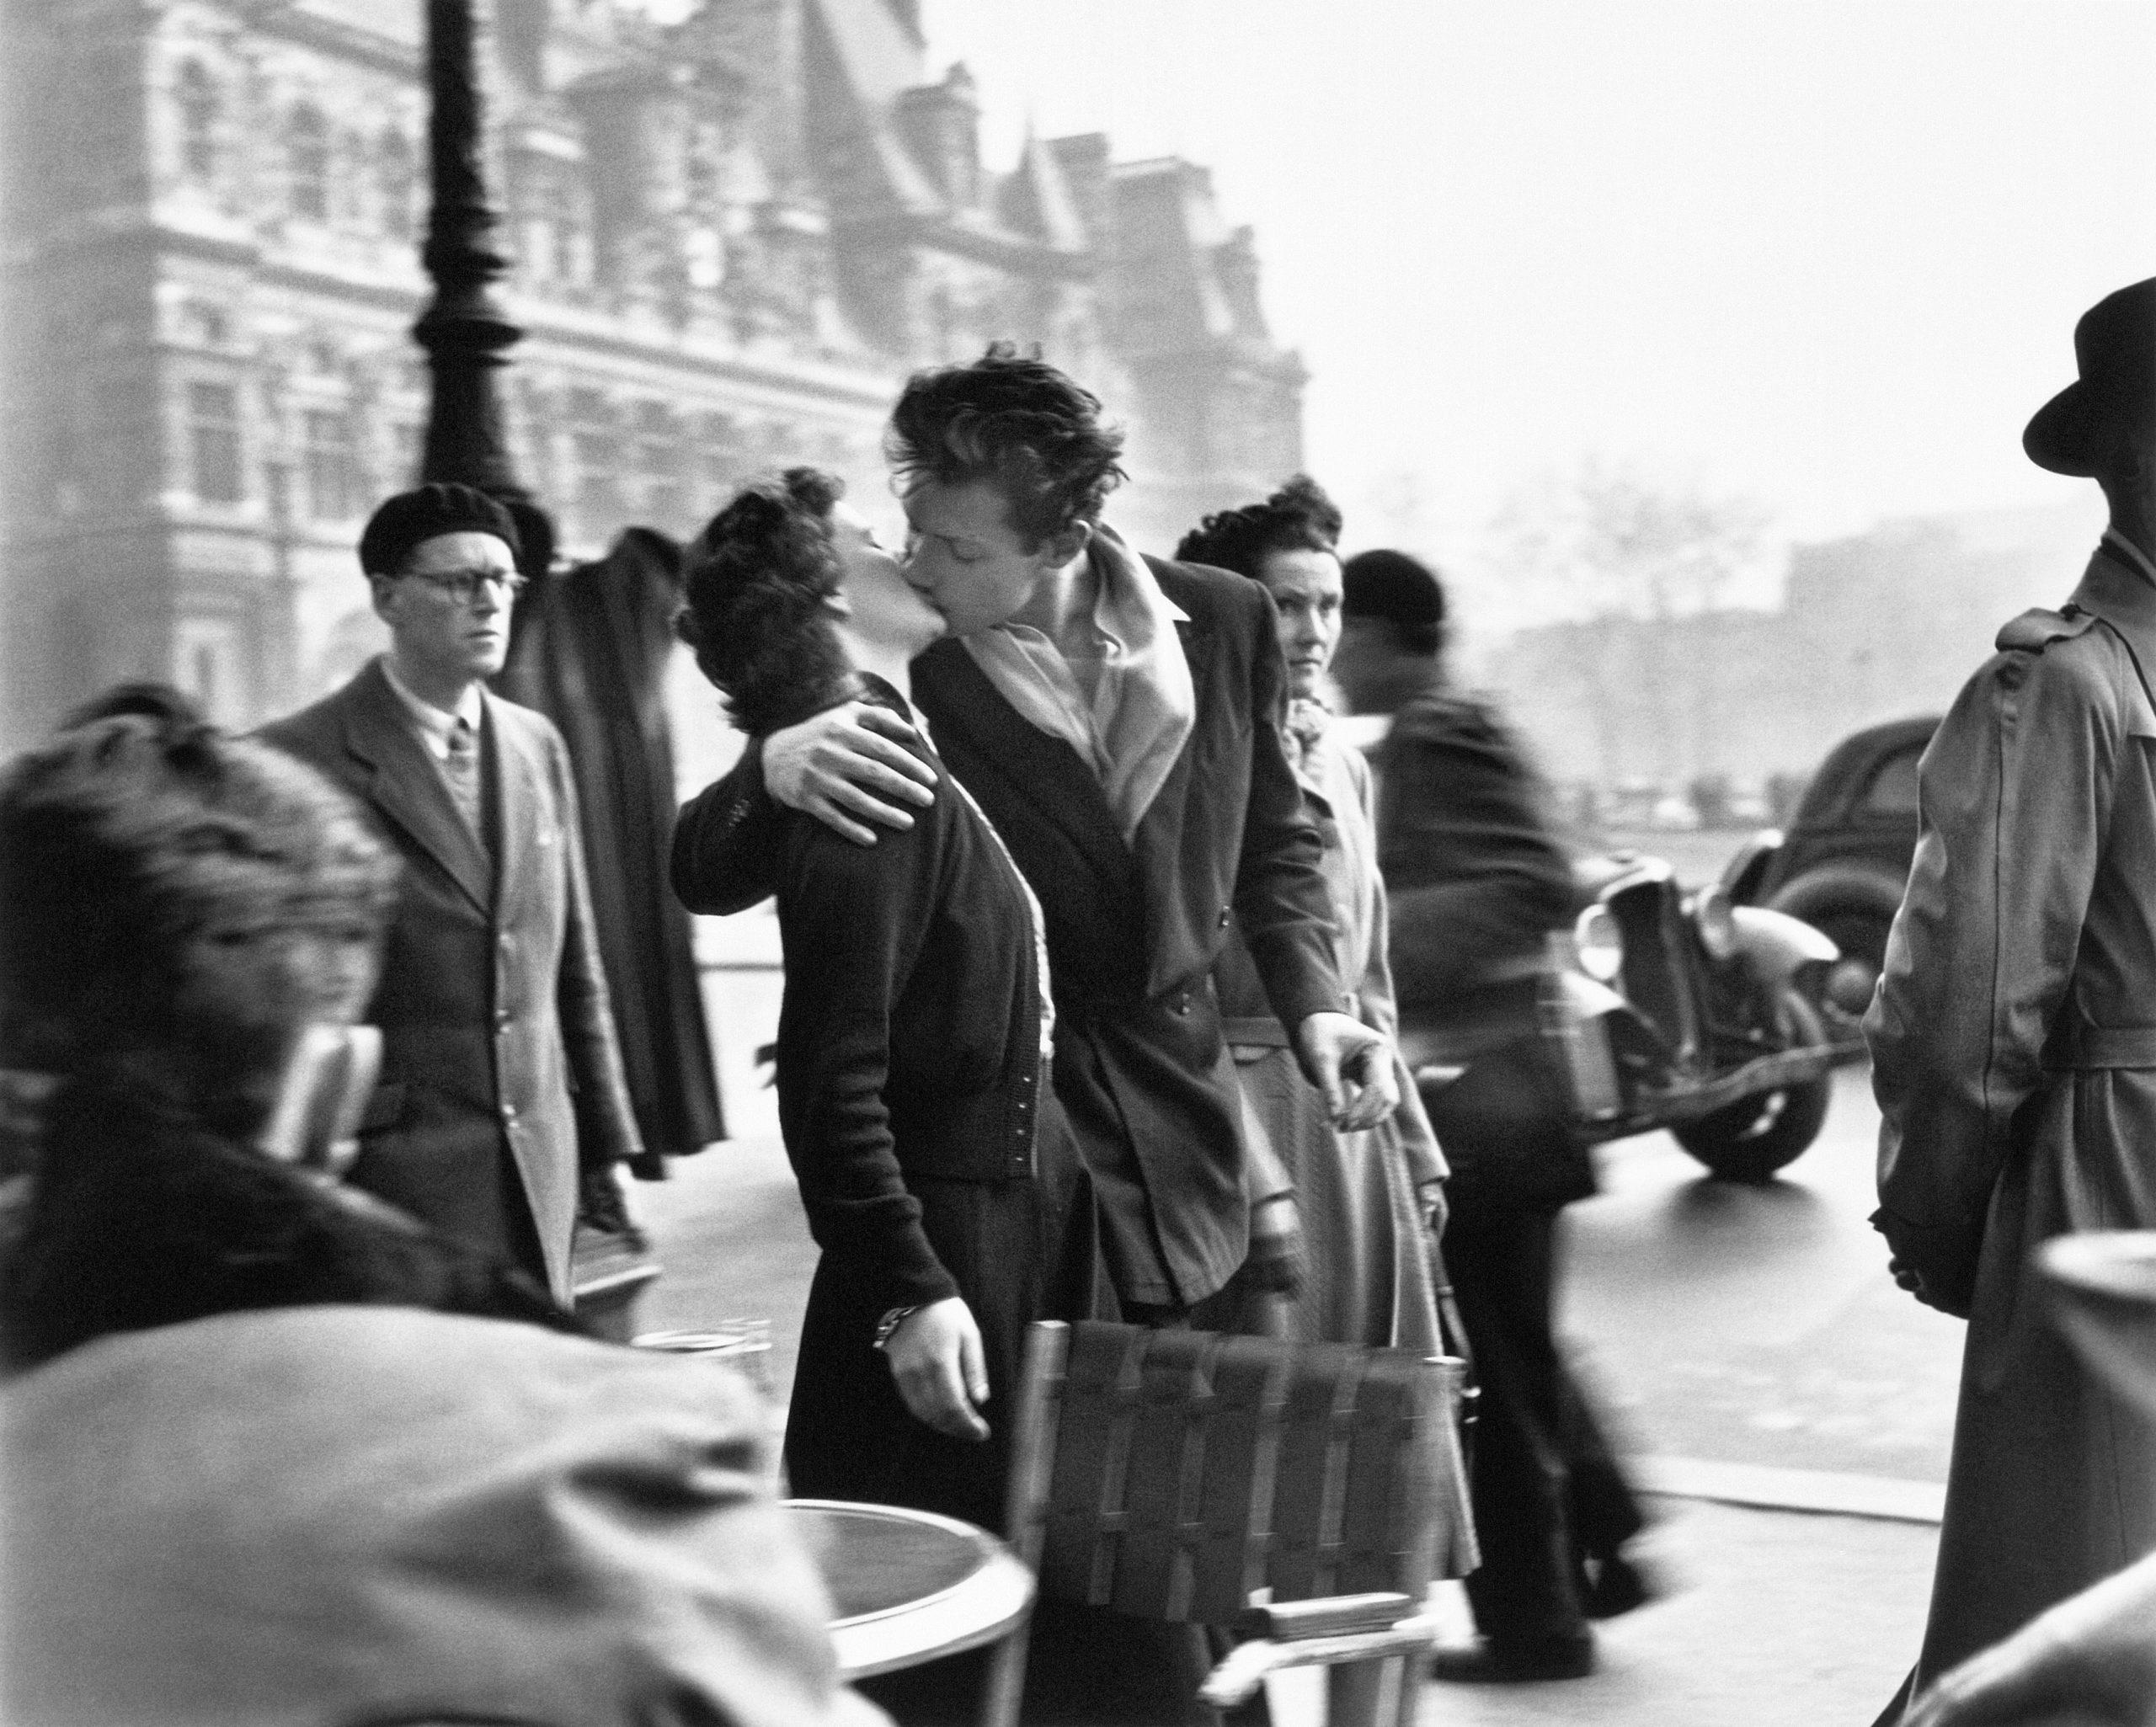 Le Baiser de l'hôtel de ville, Paris, 1950